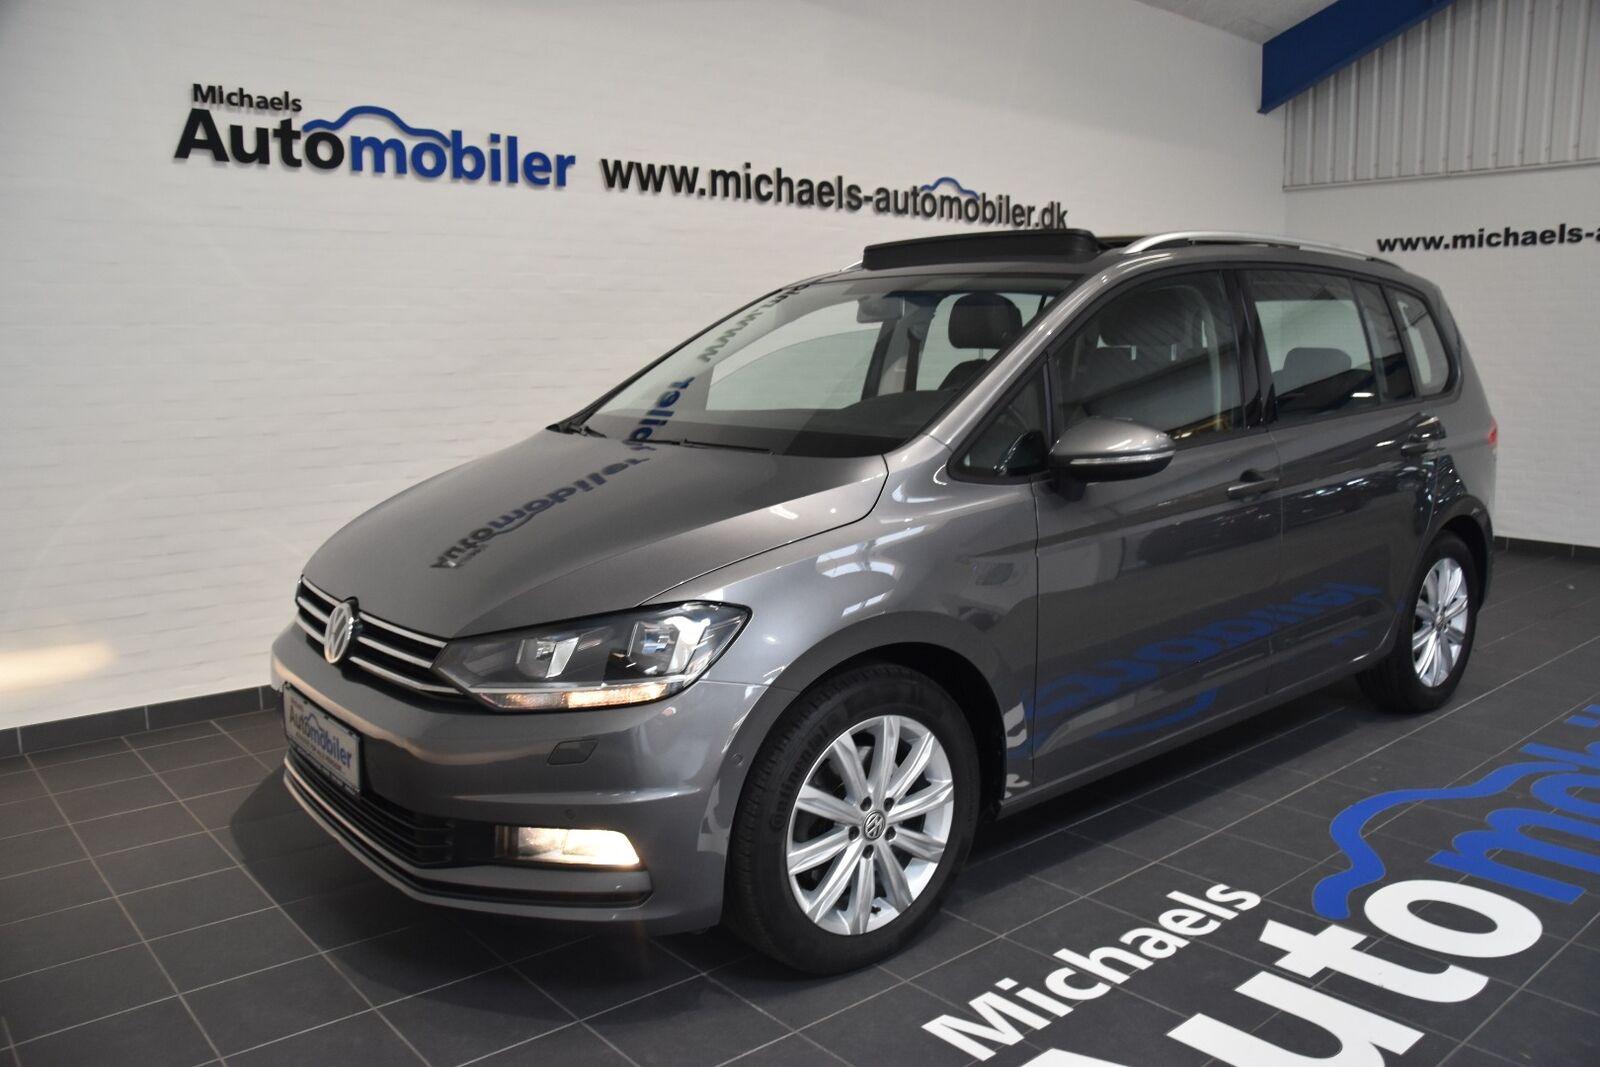 VW Touran 2,0 TDi 150 Comfortline DSG 7prs 5d - 299.900 kr.